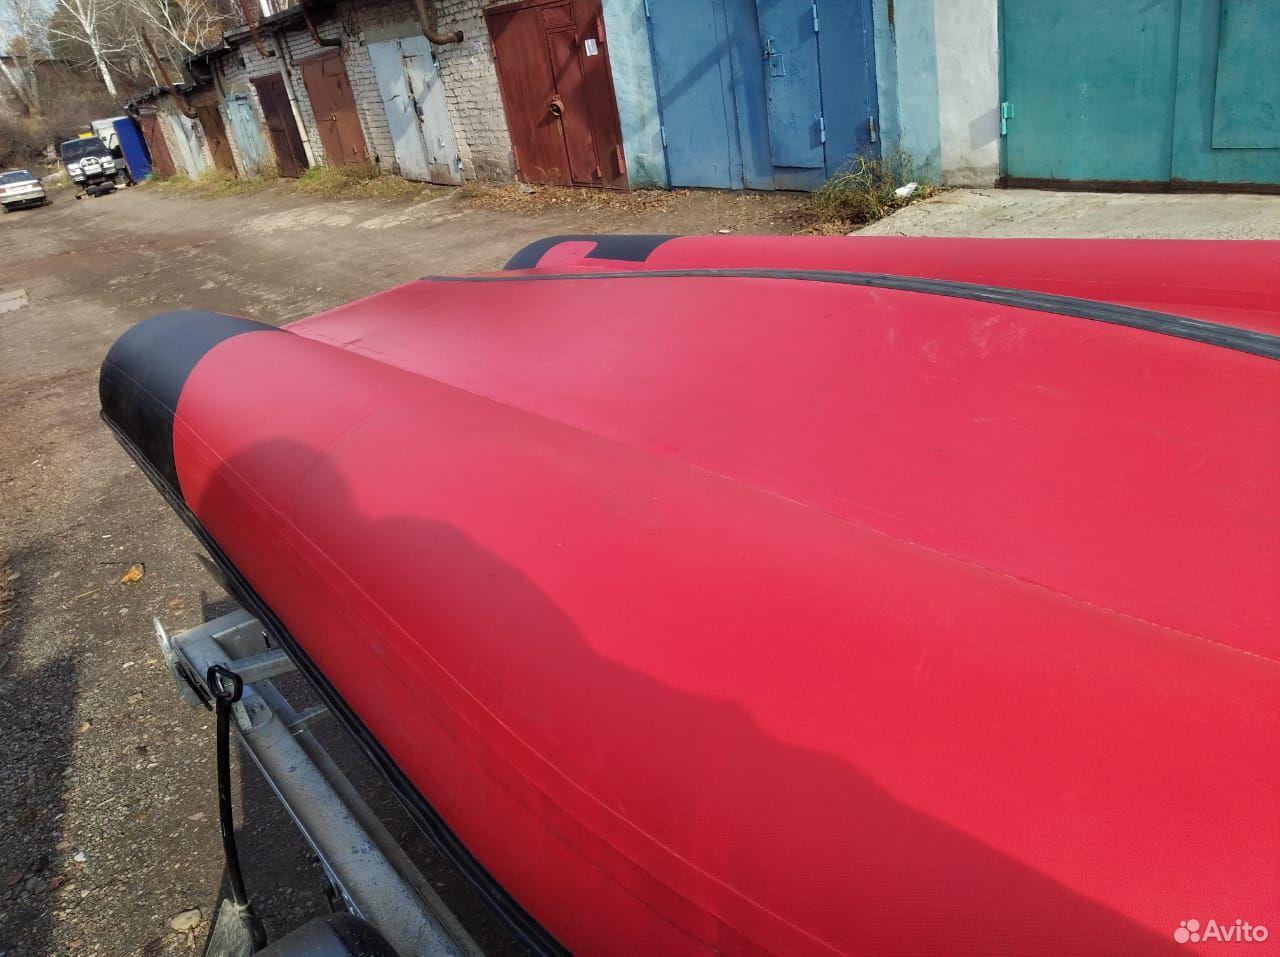 Продам лодку пвх ривъера 360 ск компакт и мотор си